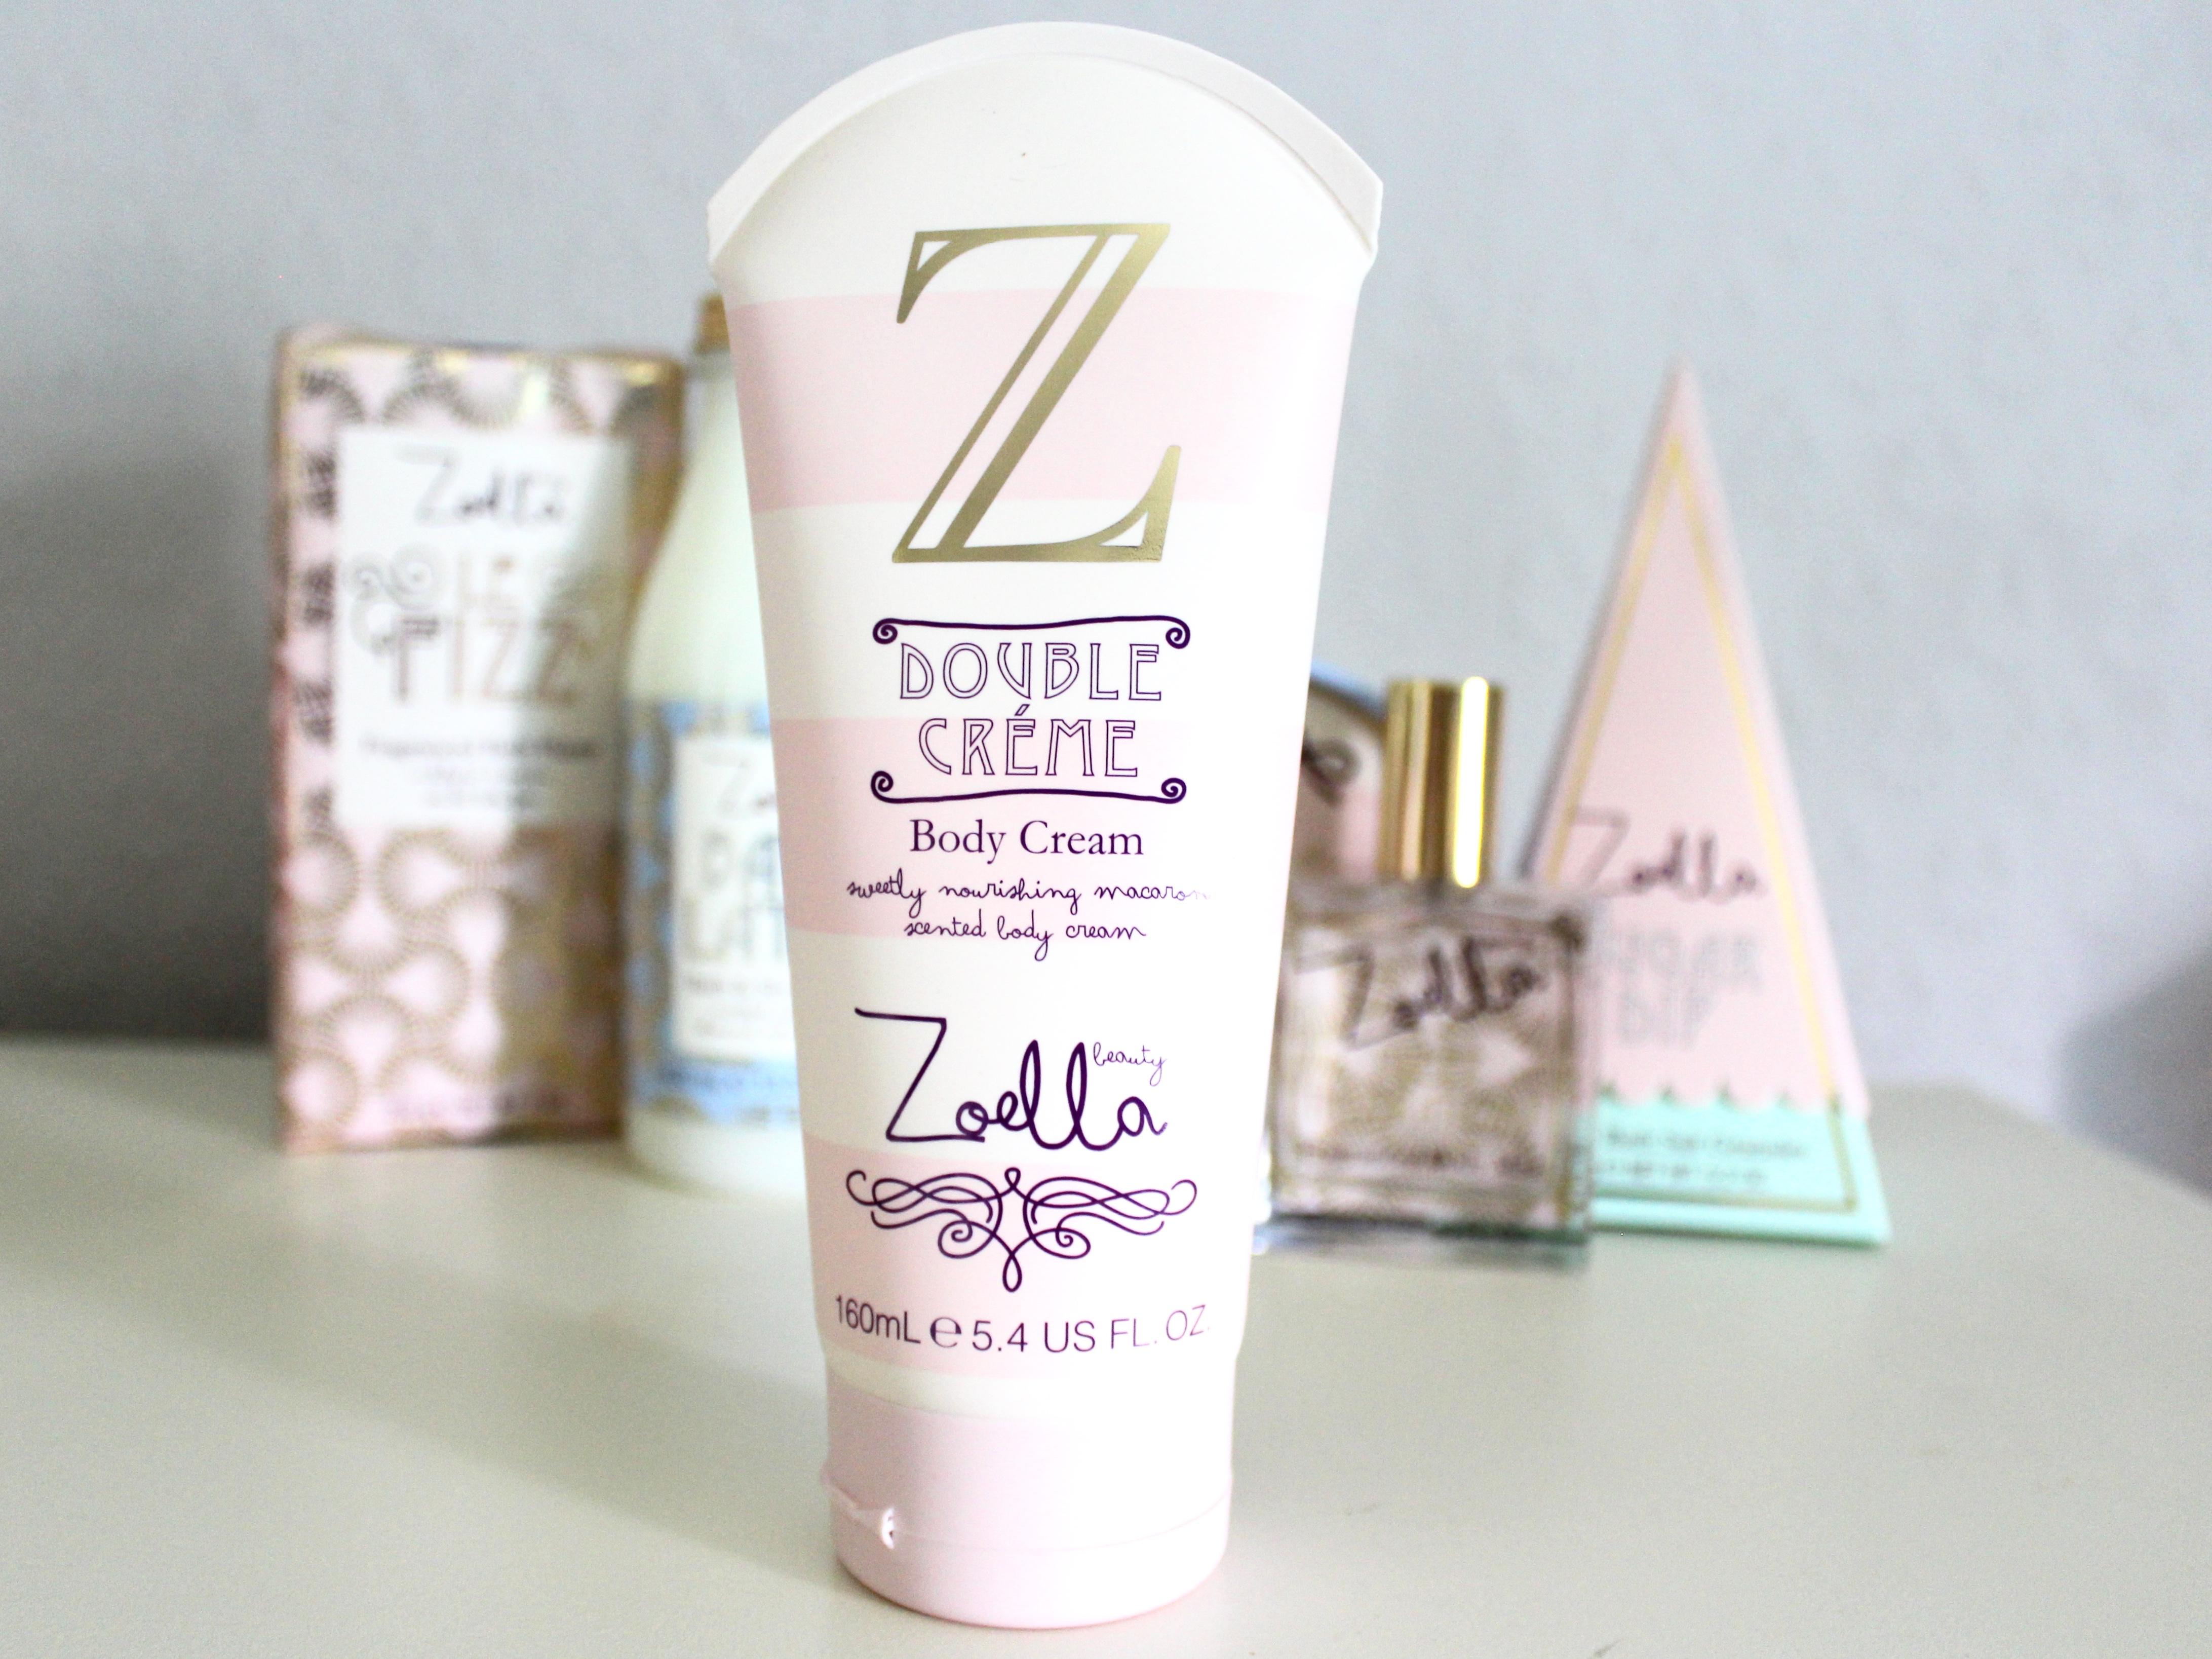 Zoella beauty body cream